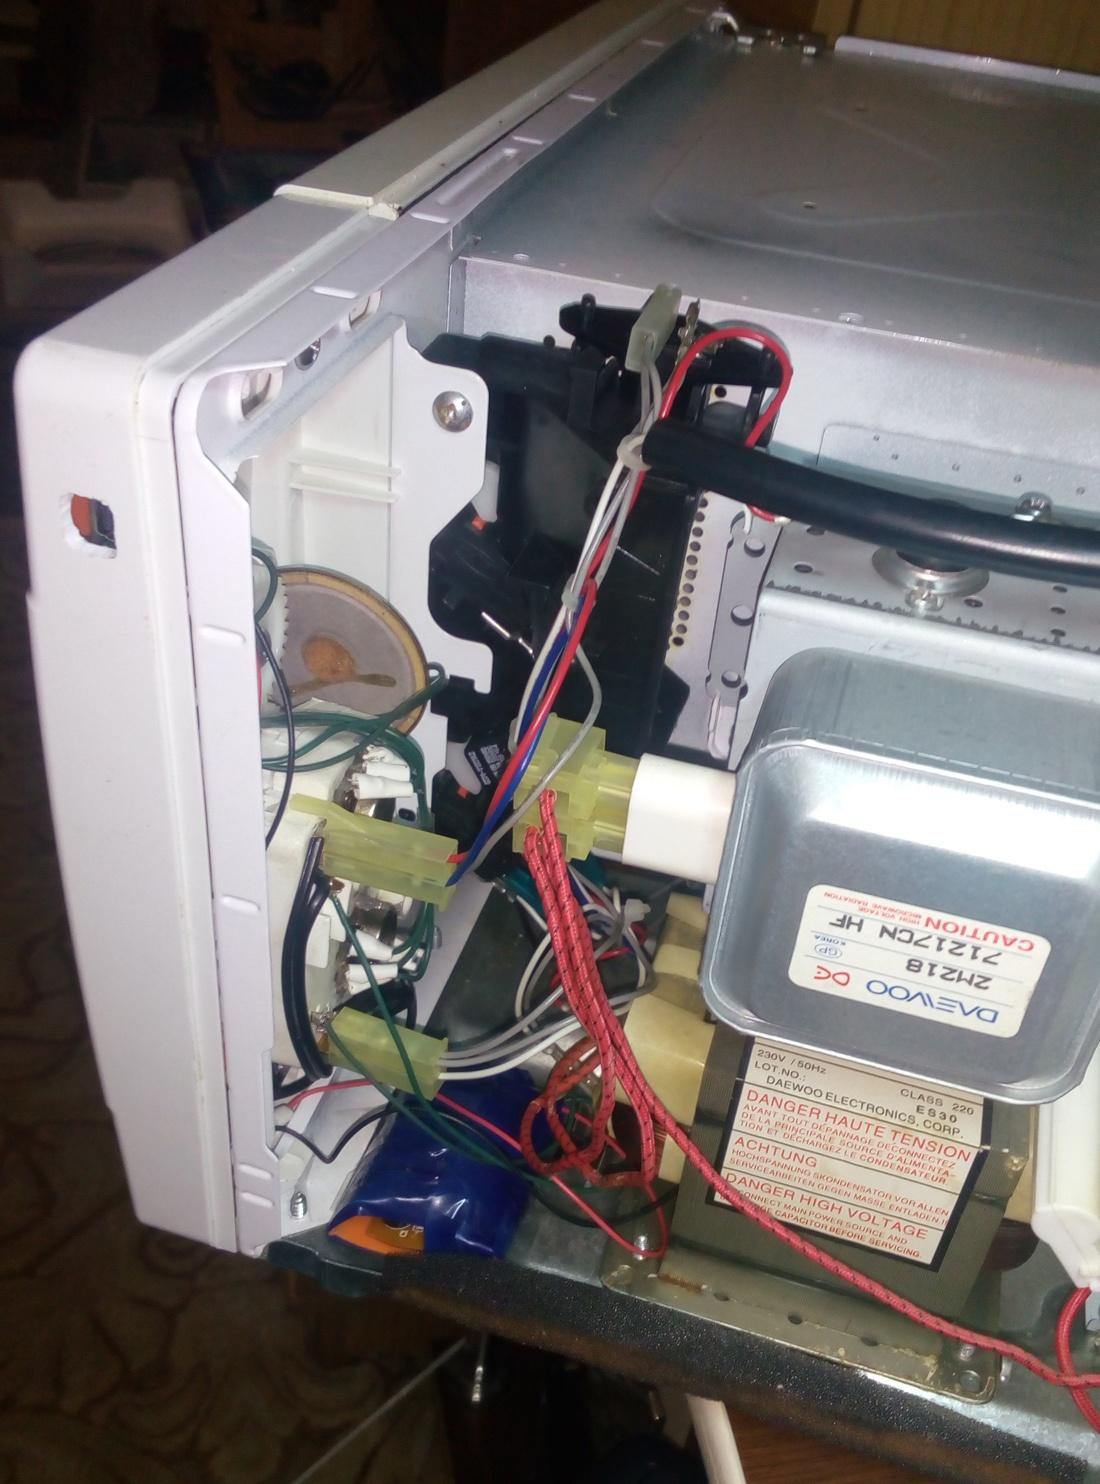 Цифровая микроволновка из механической - 22